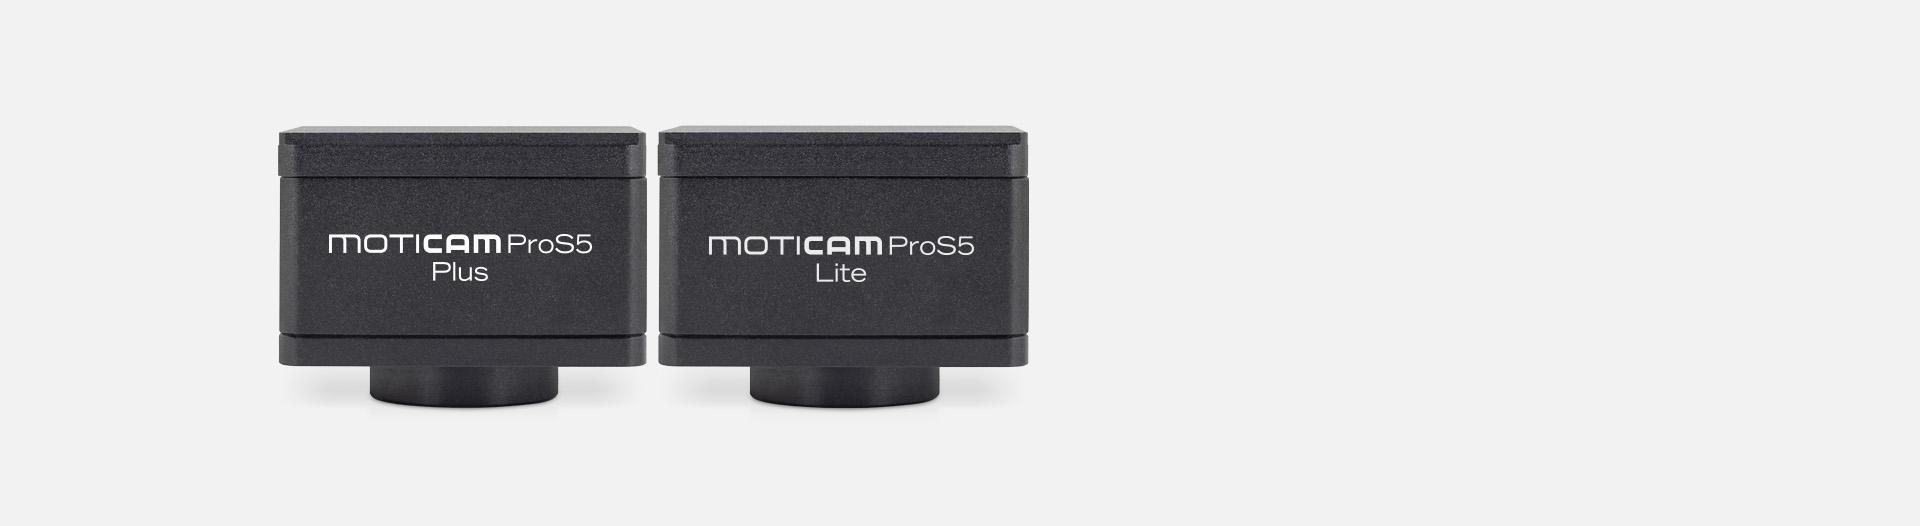 Moticam Pro S5 Lite, Moticam Pro S5 Plus